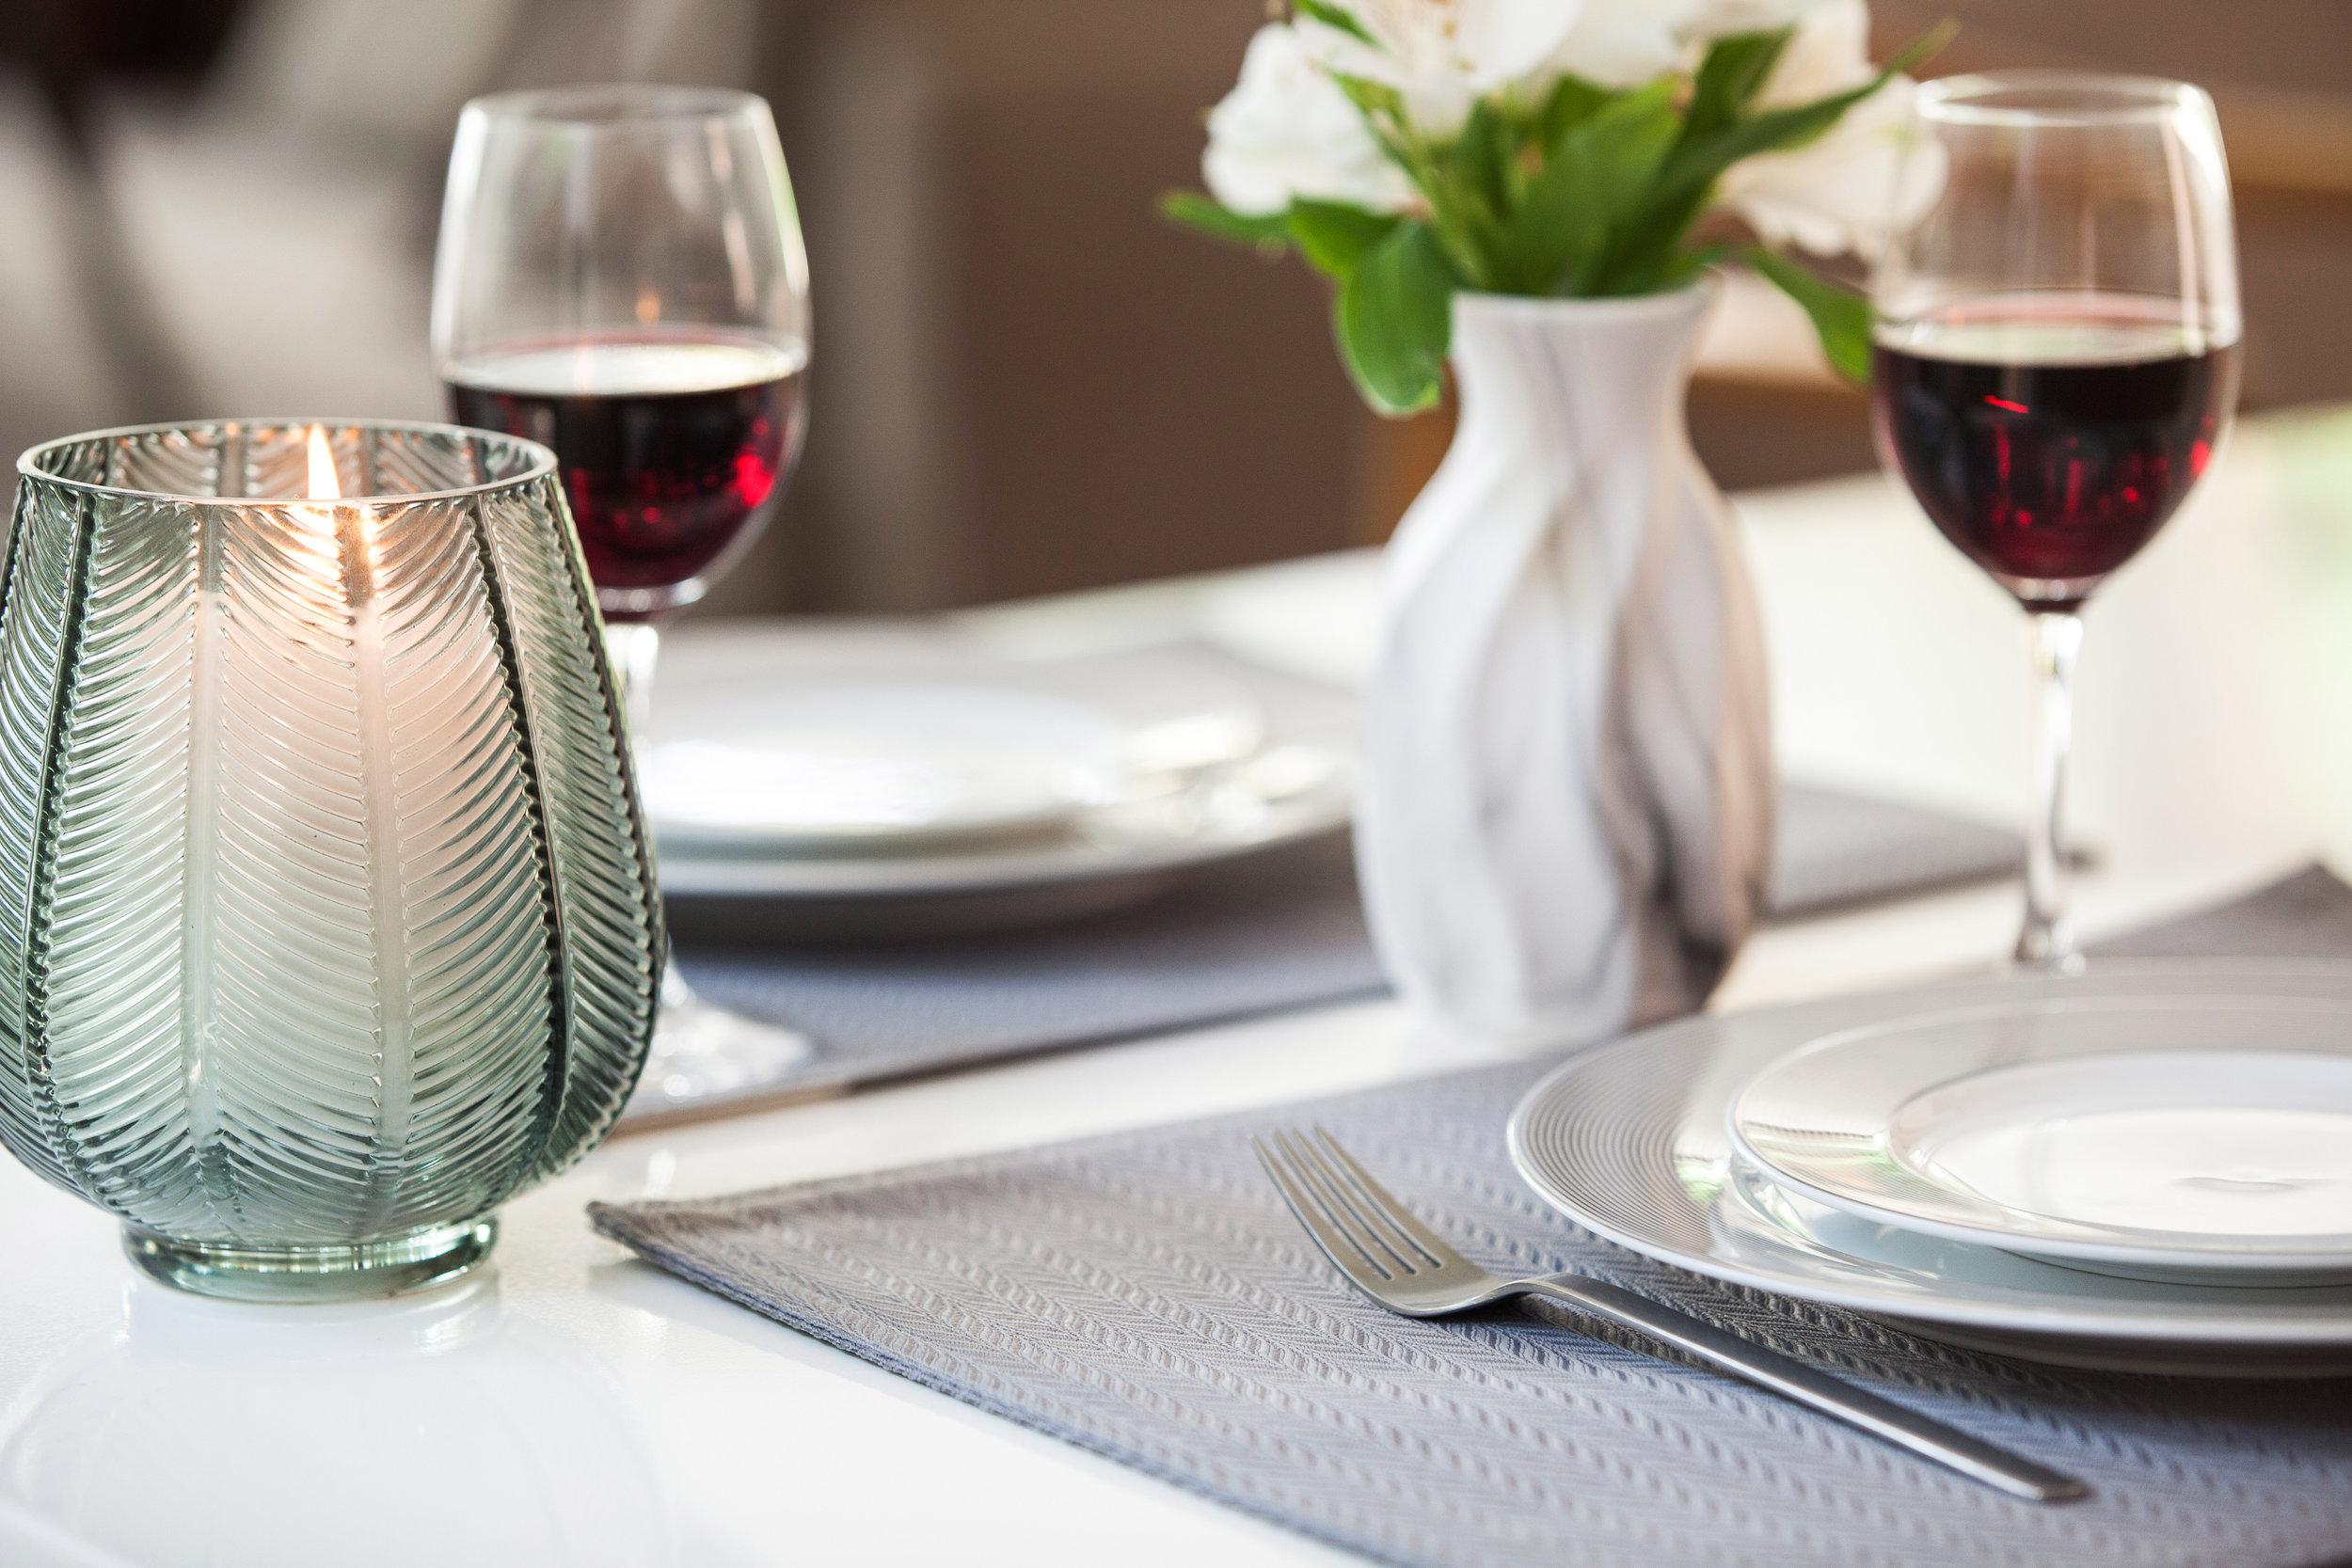 MESA - Sirva com estilo e praticidade com nossa linha completa de toalhas de mesa, panos de copa e acessórios de cozinha.